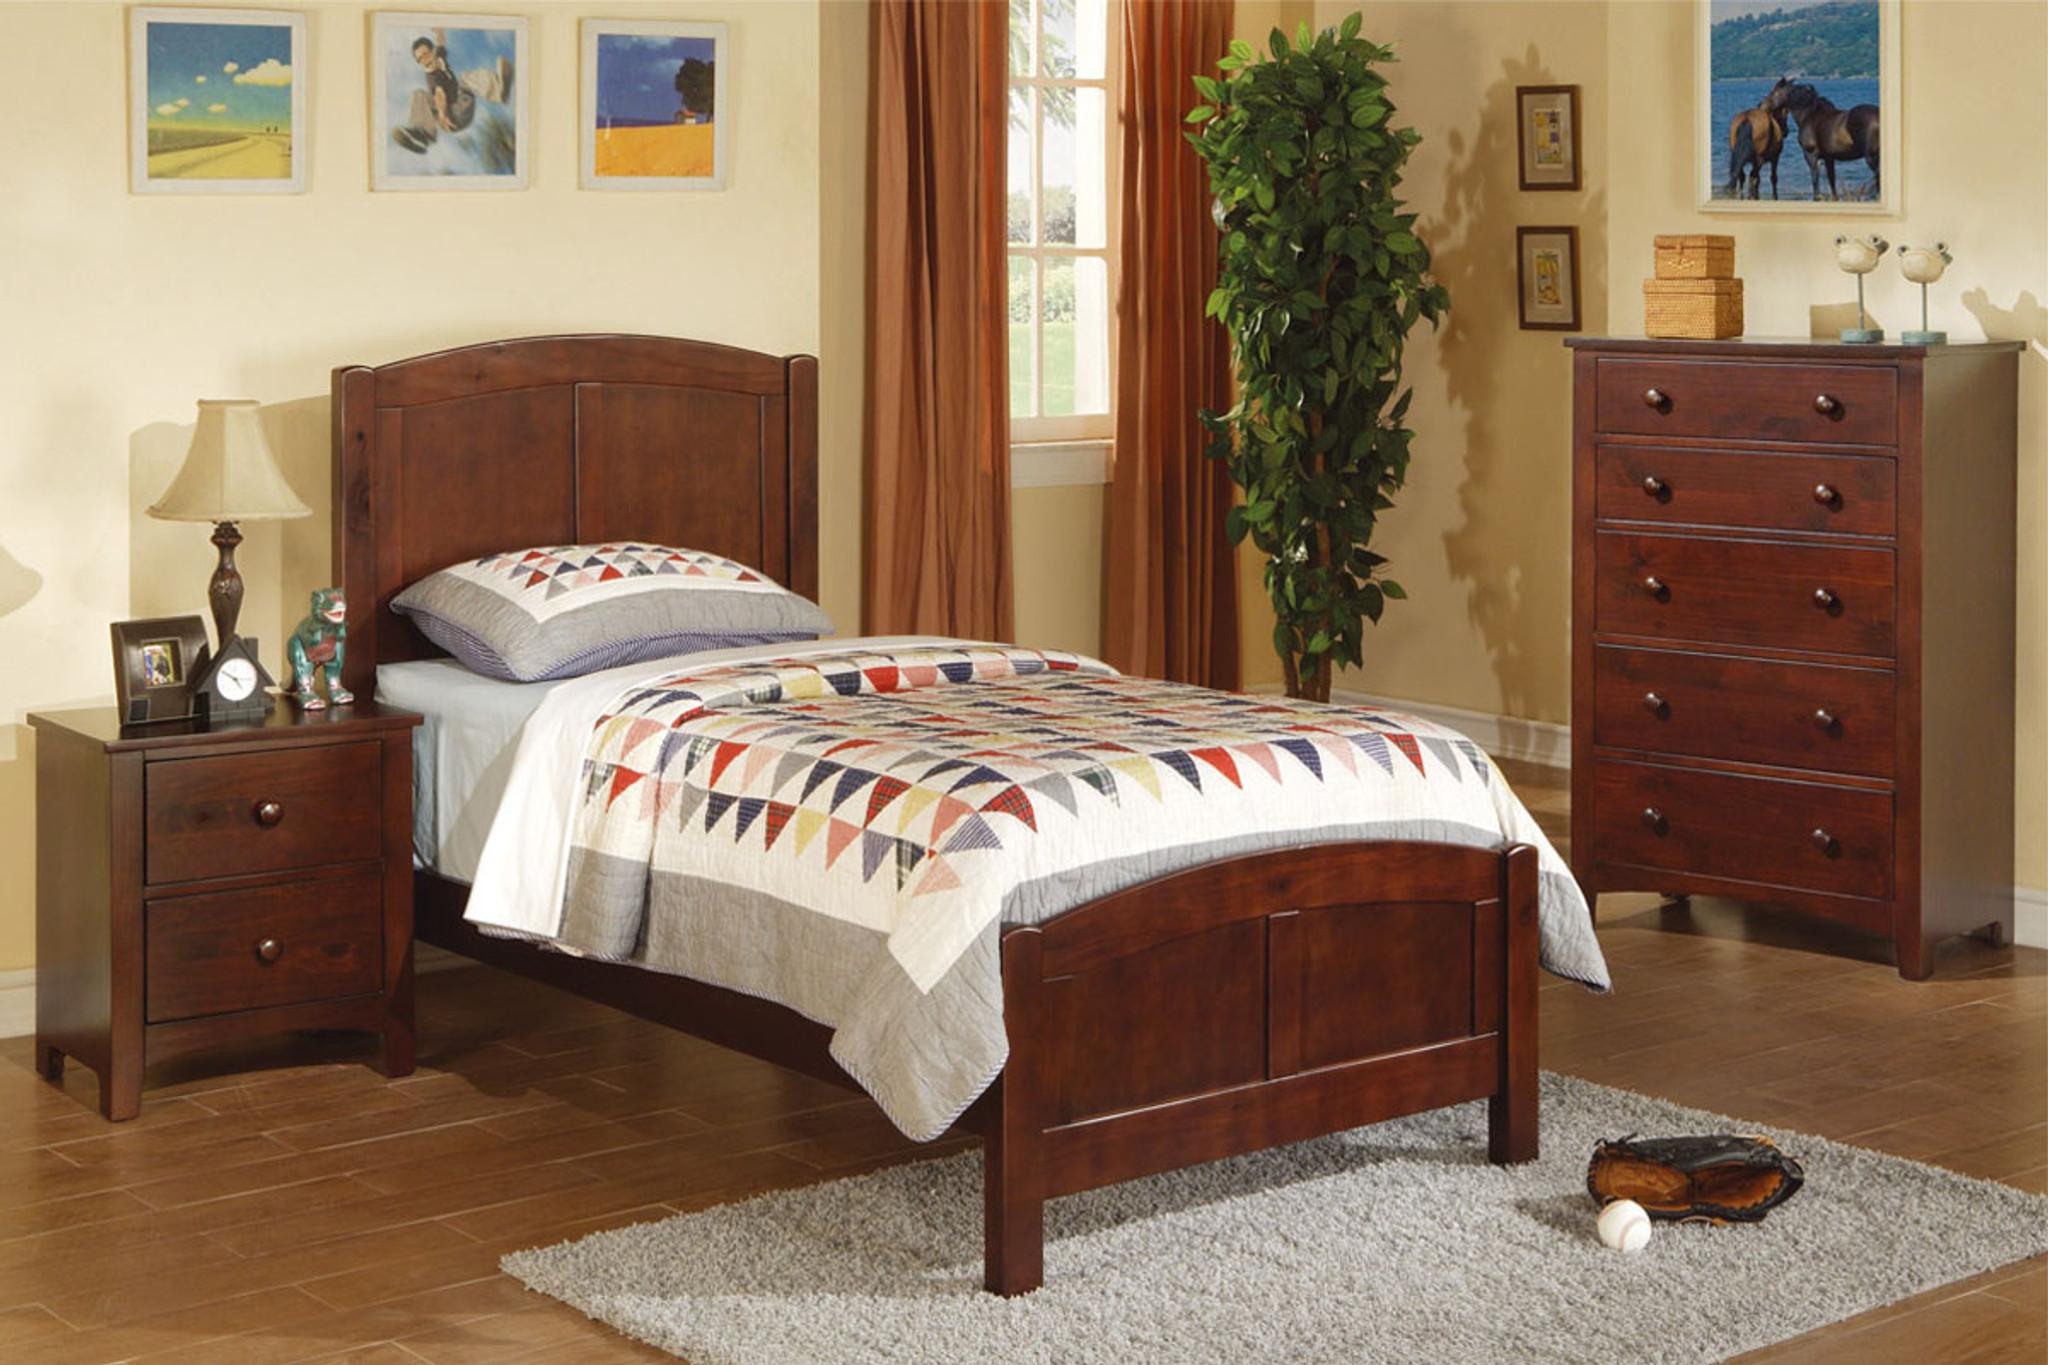 Kassa Mall Home Furniture F9207 F4234 F4235 Twin Bed In Dark Oak Wood Finish